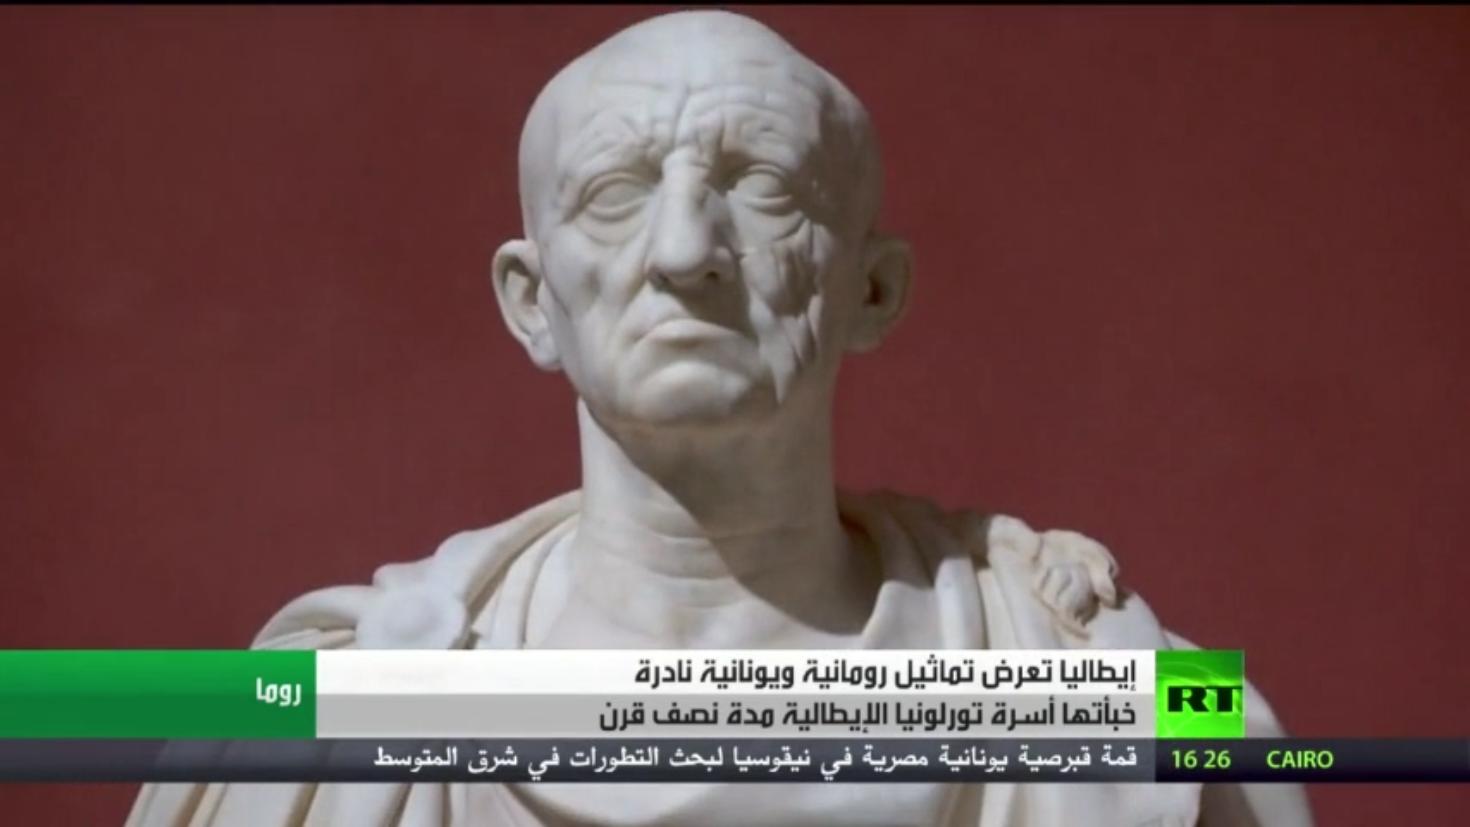 روما تعرض تماثيل أثرية فقدت منذ نصف قرن